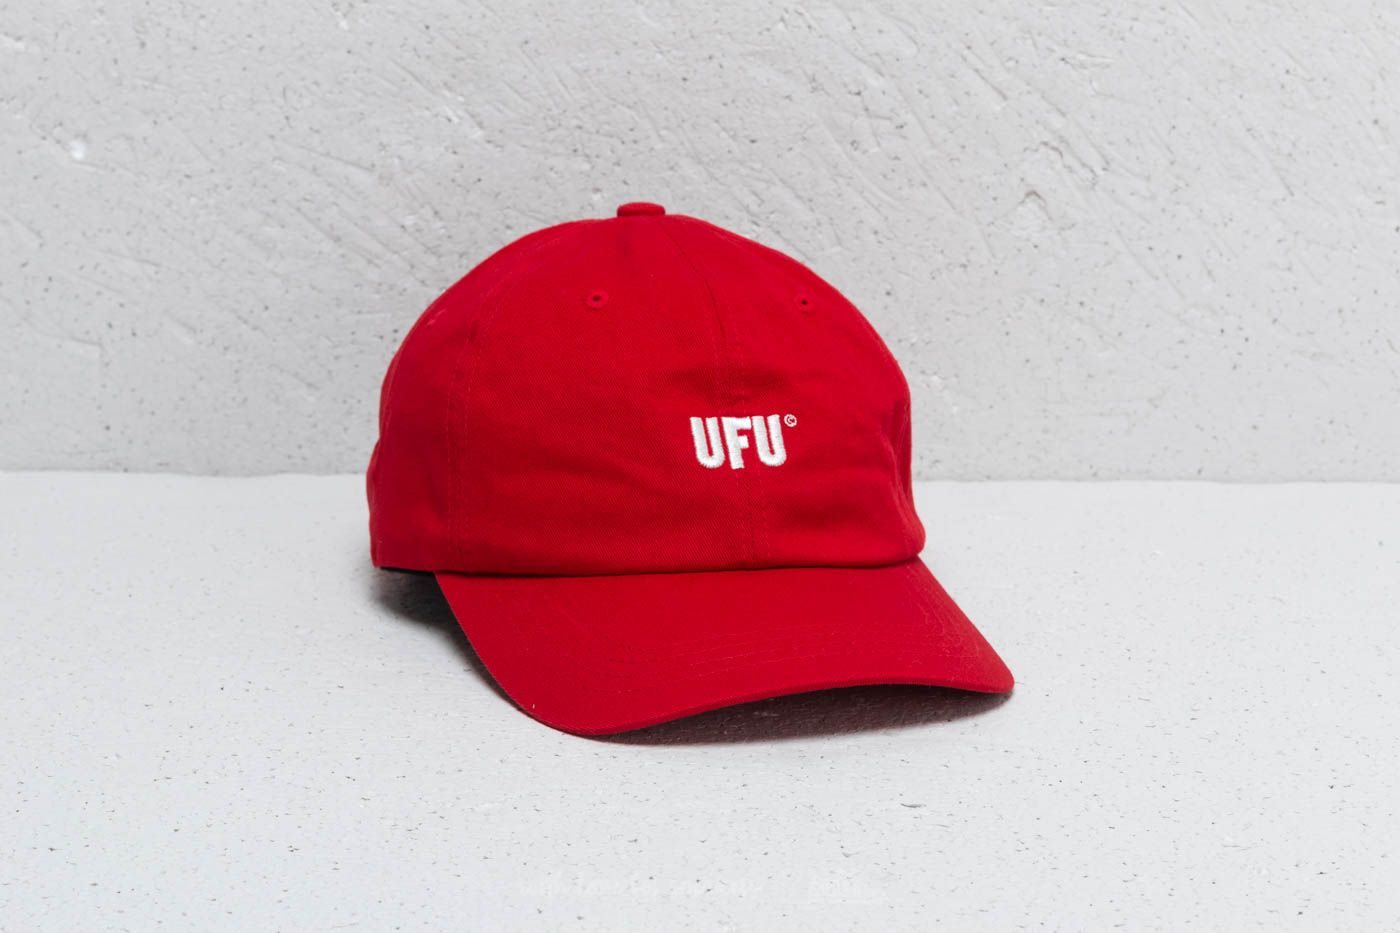 Used Future Universal Ad Cap za skvělou cenu 650 Kč koupíte na Footshop.cz